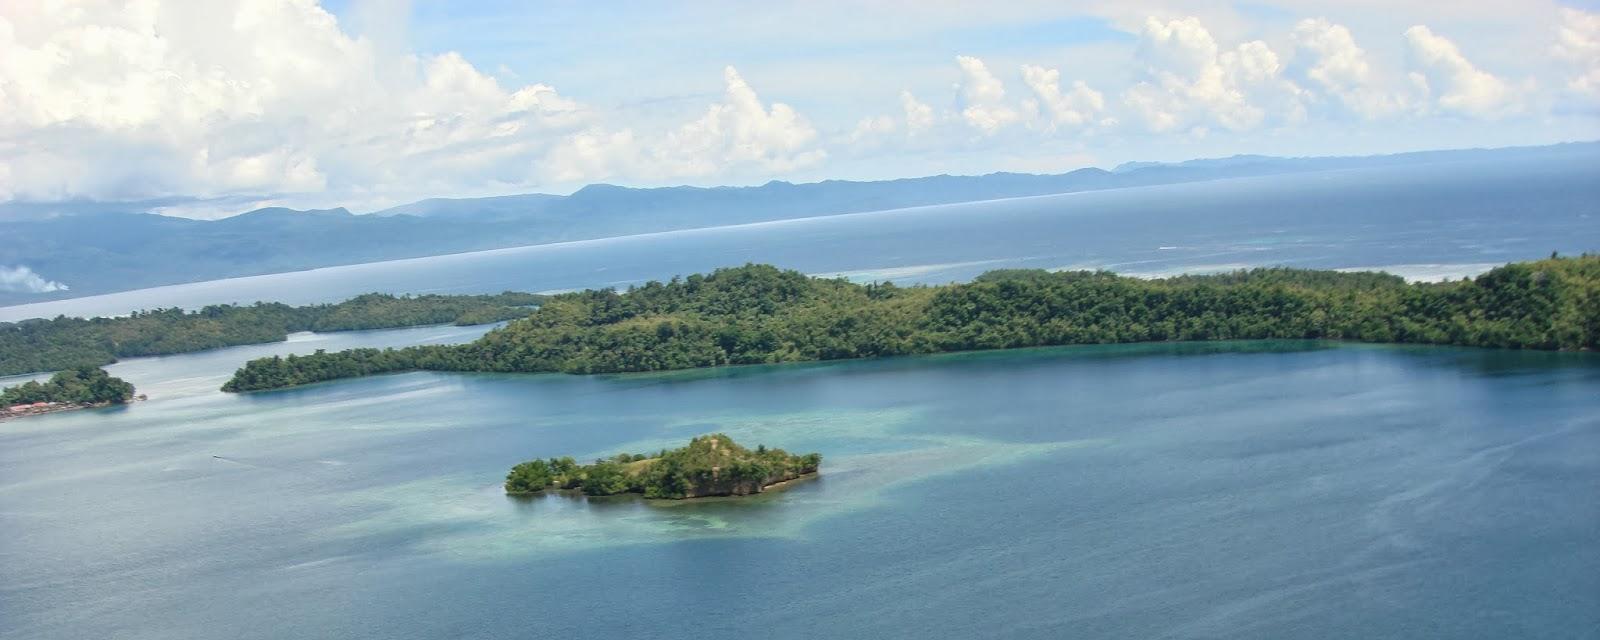 10 Tempat Wisata Halmahera Tengah Yang Wajib Dikunjungi Provinsi Maluku Utara